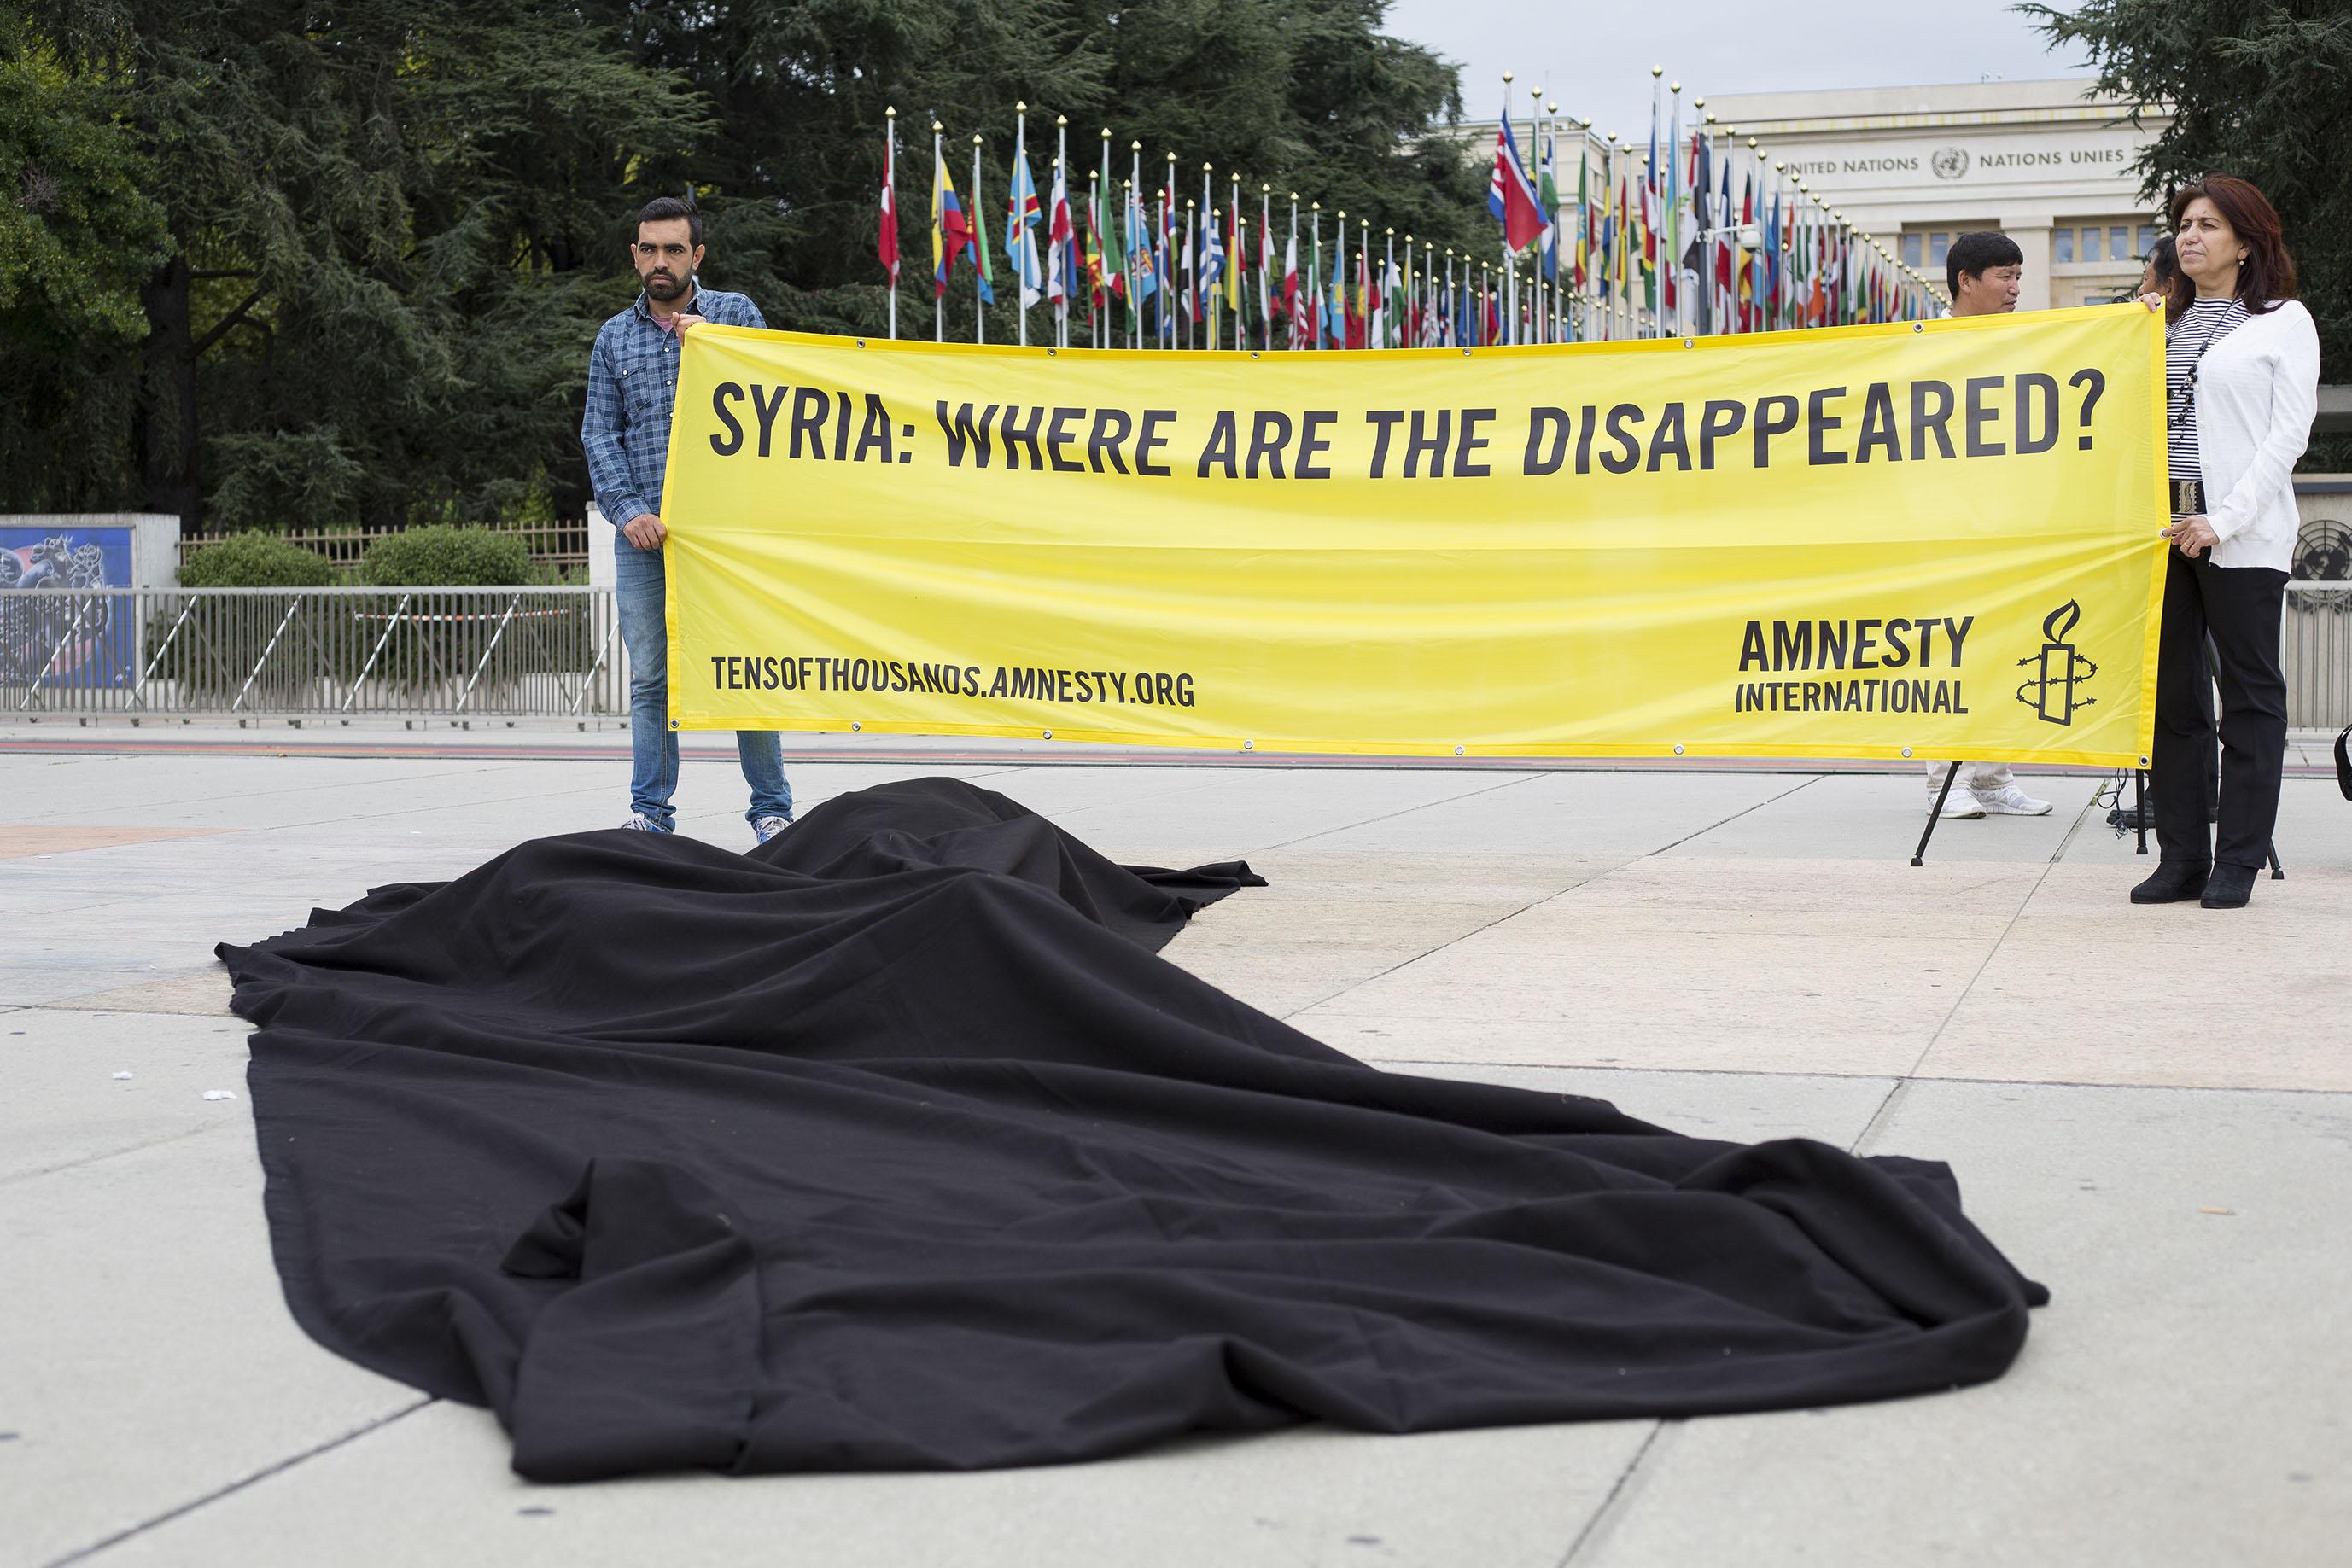 Les manifestants mettent en scène la disparition forcée des civils syriens.